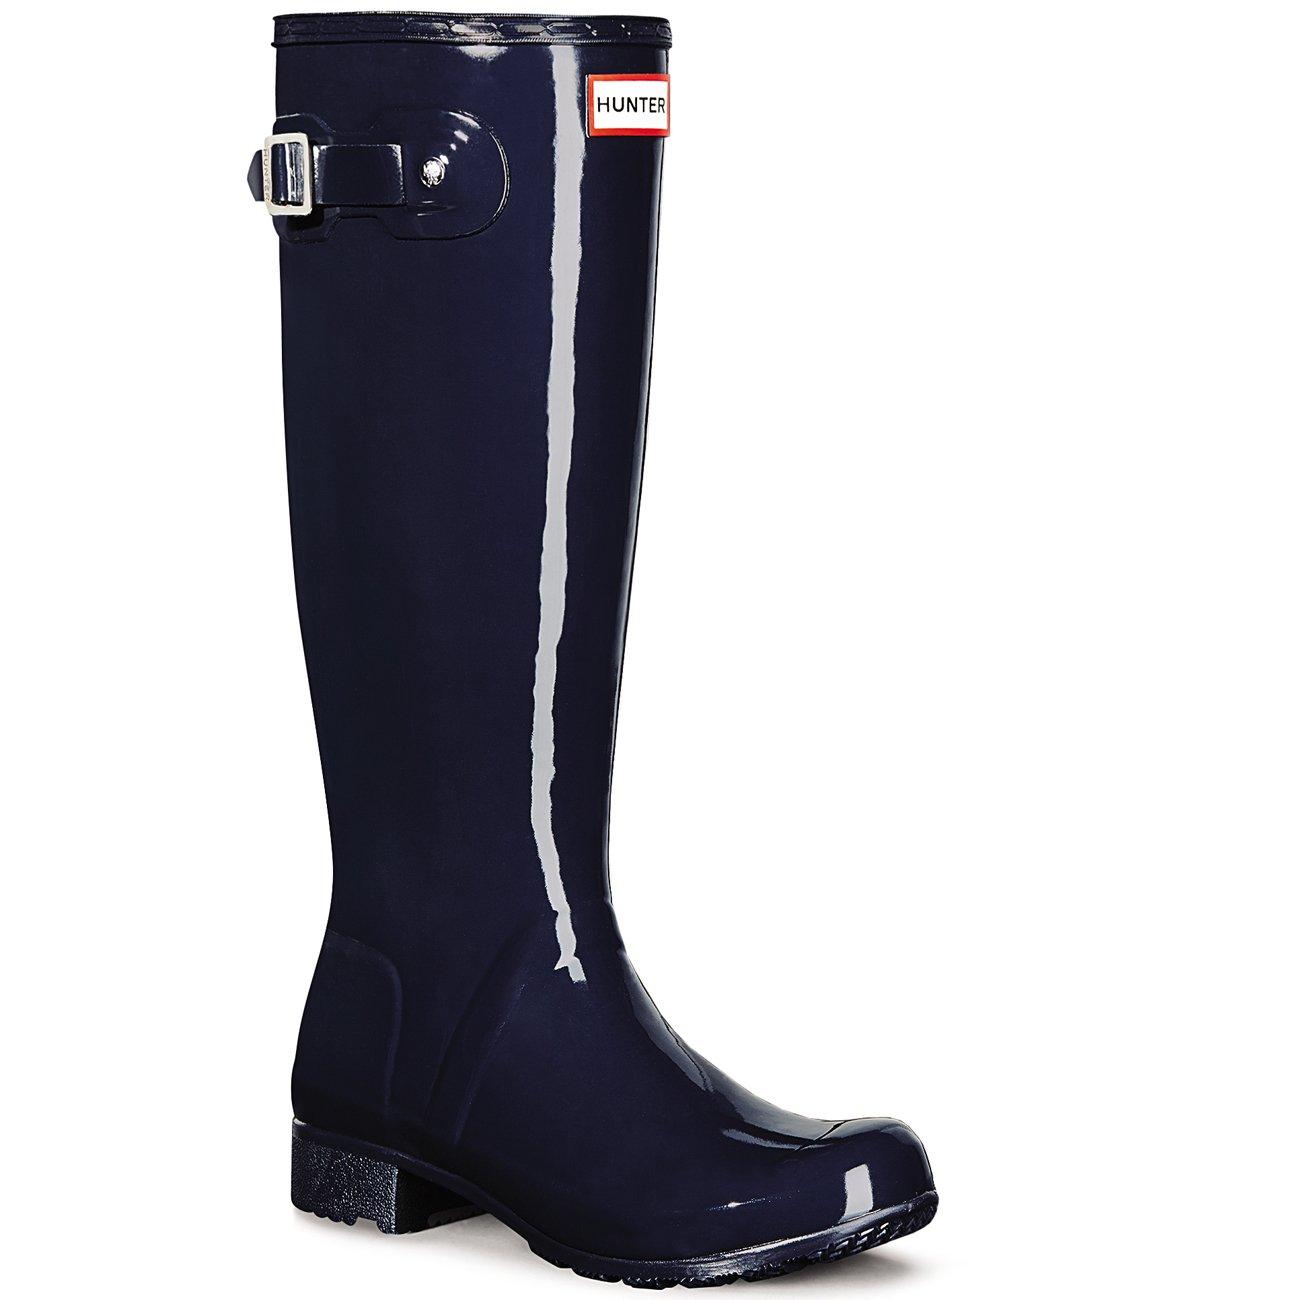 Hunter Women s Original Tour Gloss Rain Boots Navy 8